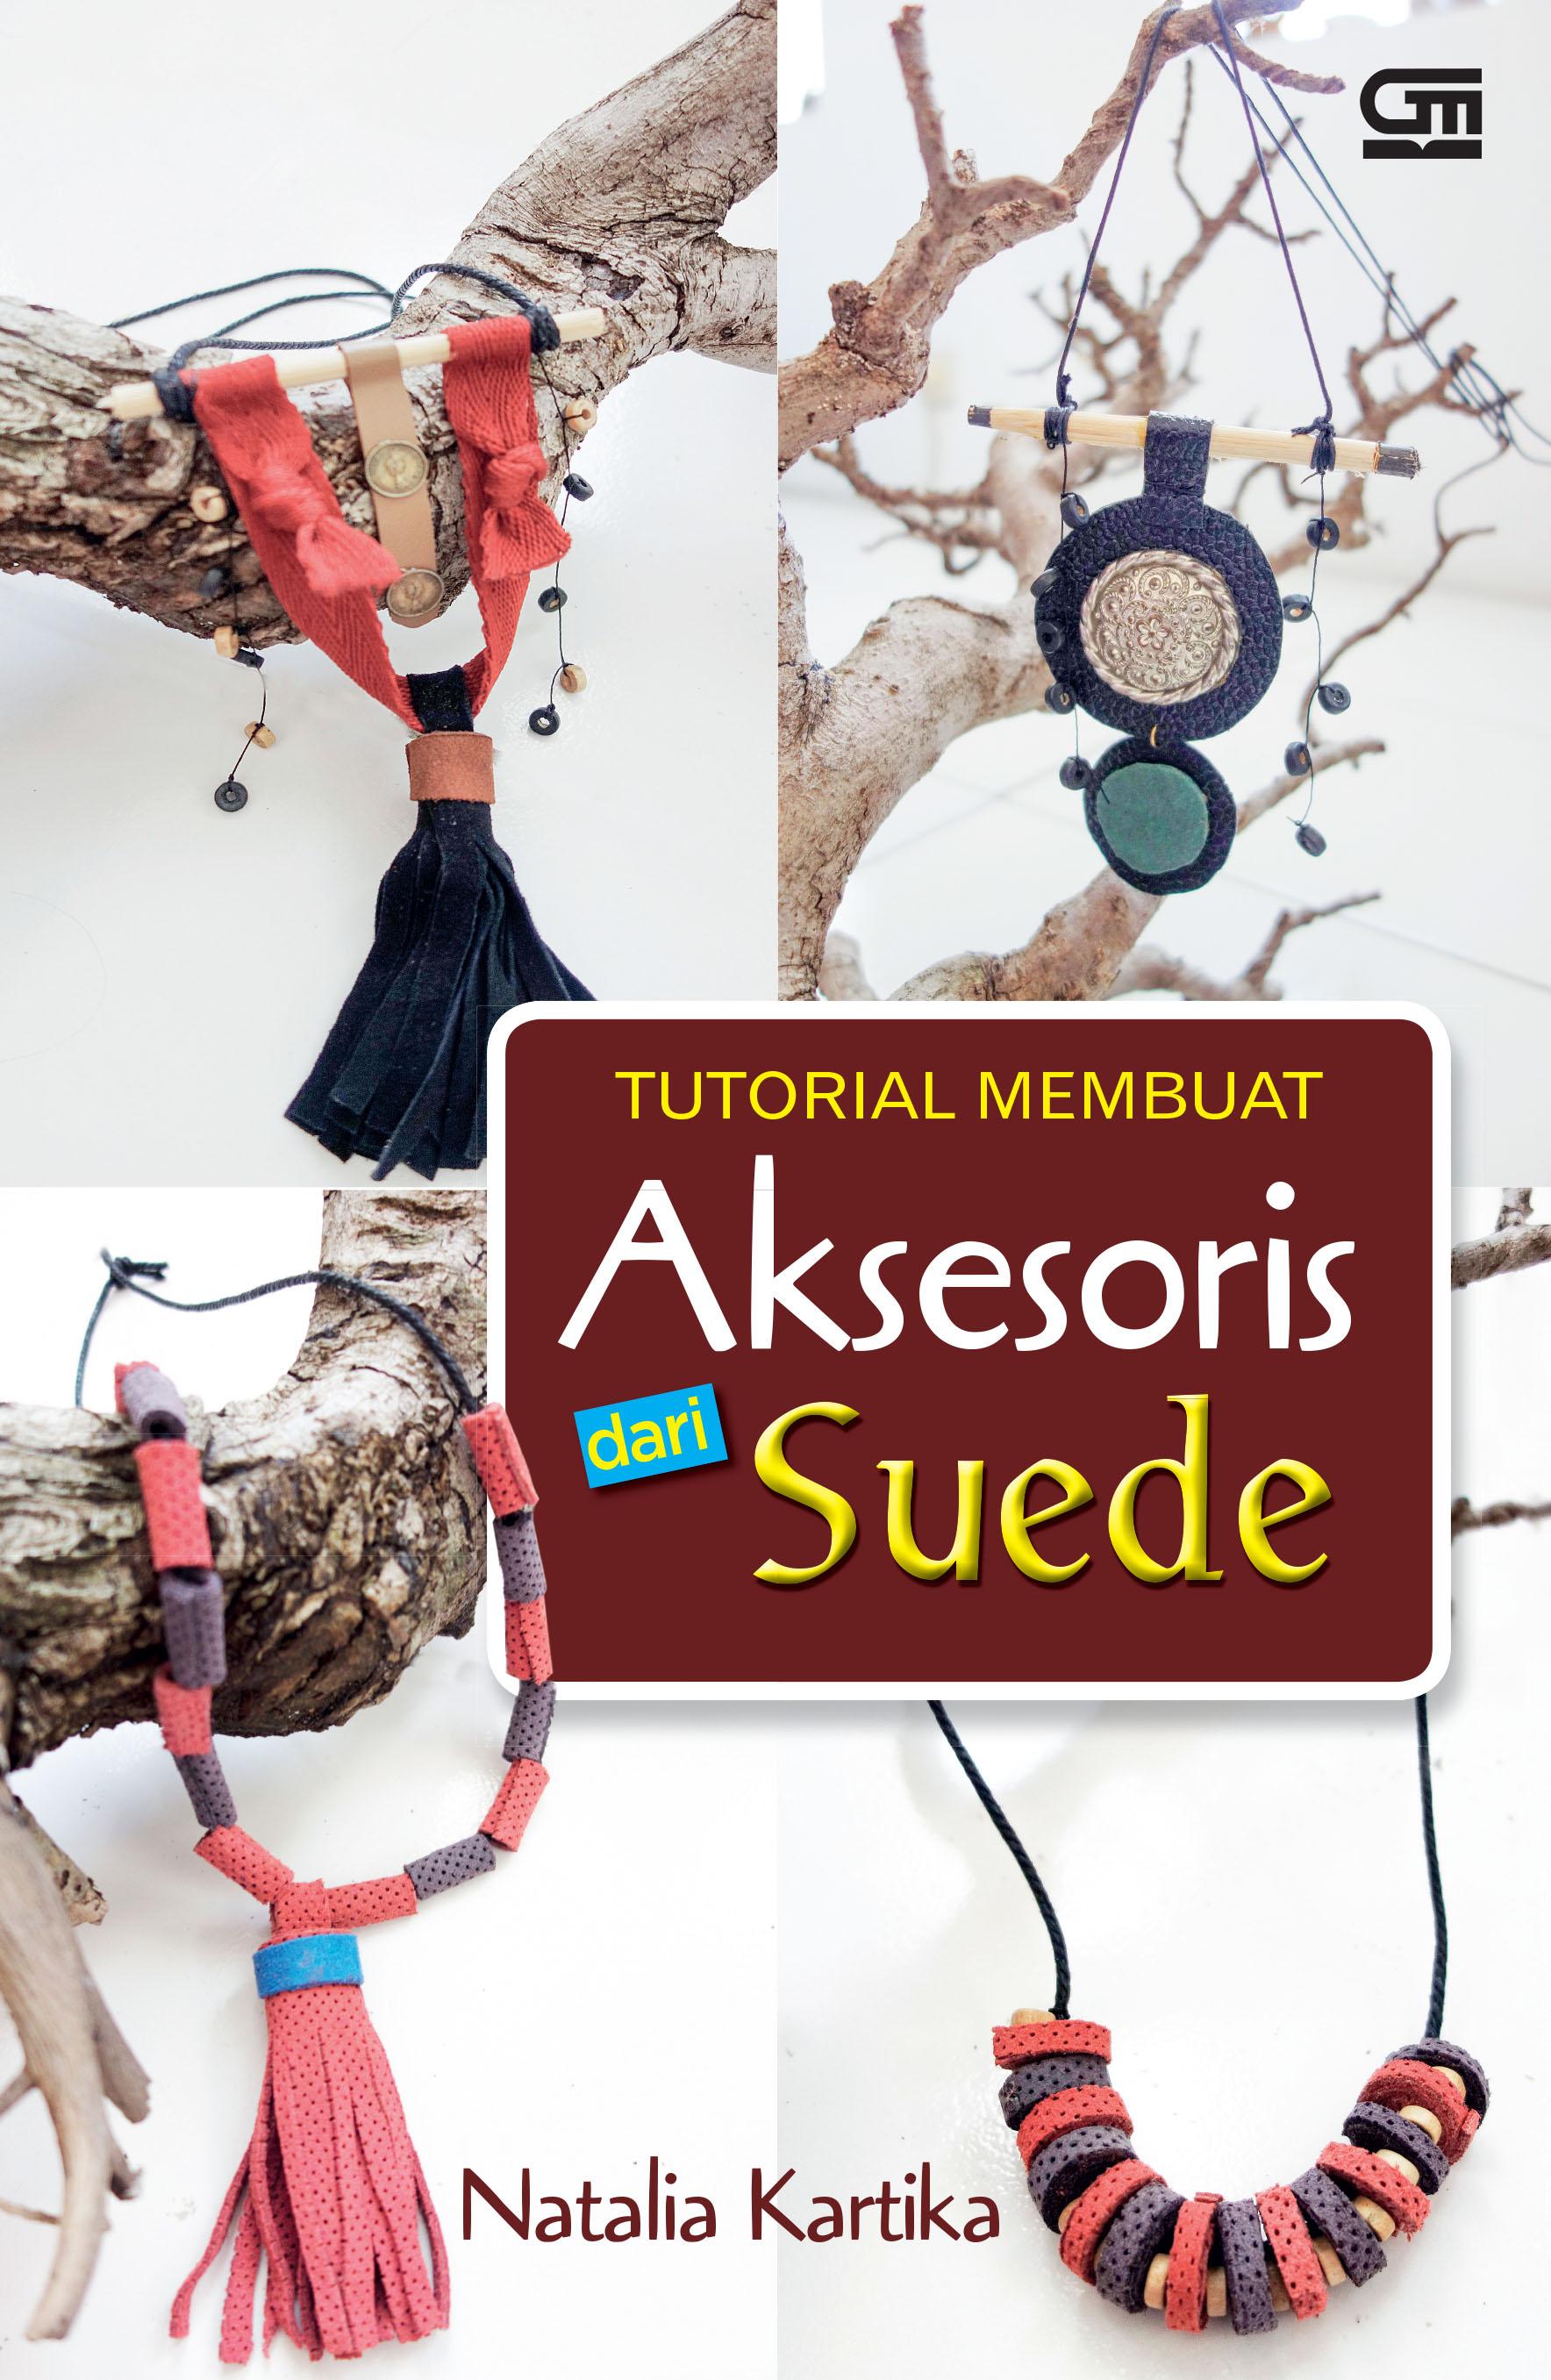 Tutorial Membuat Aksesoris dari Suede